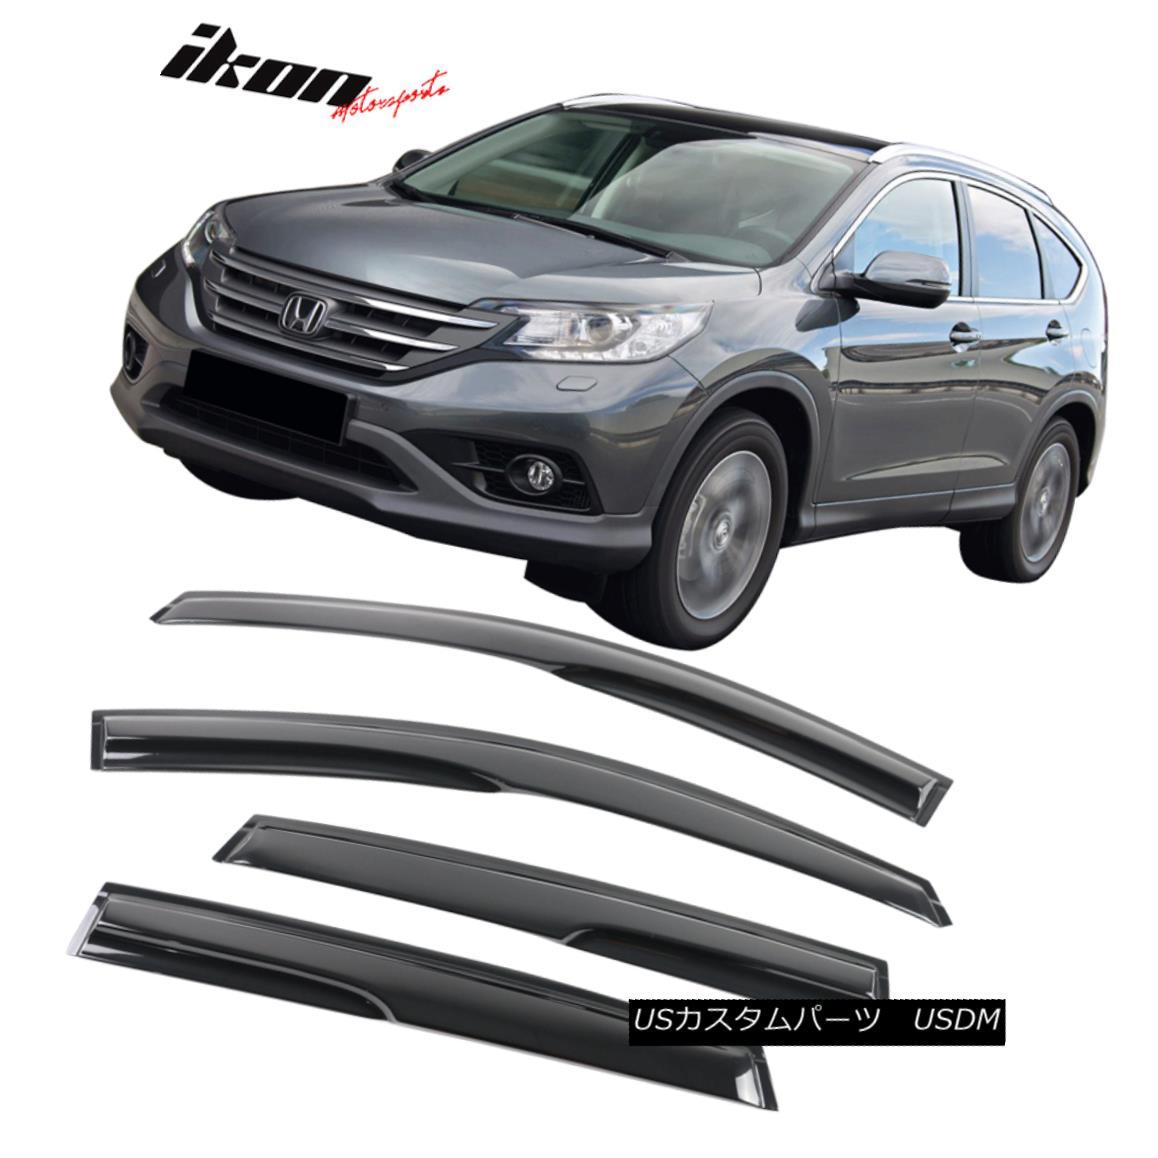 贅沢品 エアロパーツ Fits 12-16 Honda CRV Mugen Style Acrylic Window Visors 4Pc Set 12-16 Honda CRV Mugenスタイルのアクリル窓バイザー4個セット, リバティプリントショップmerci 9cac3f60